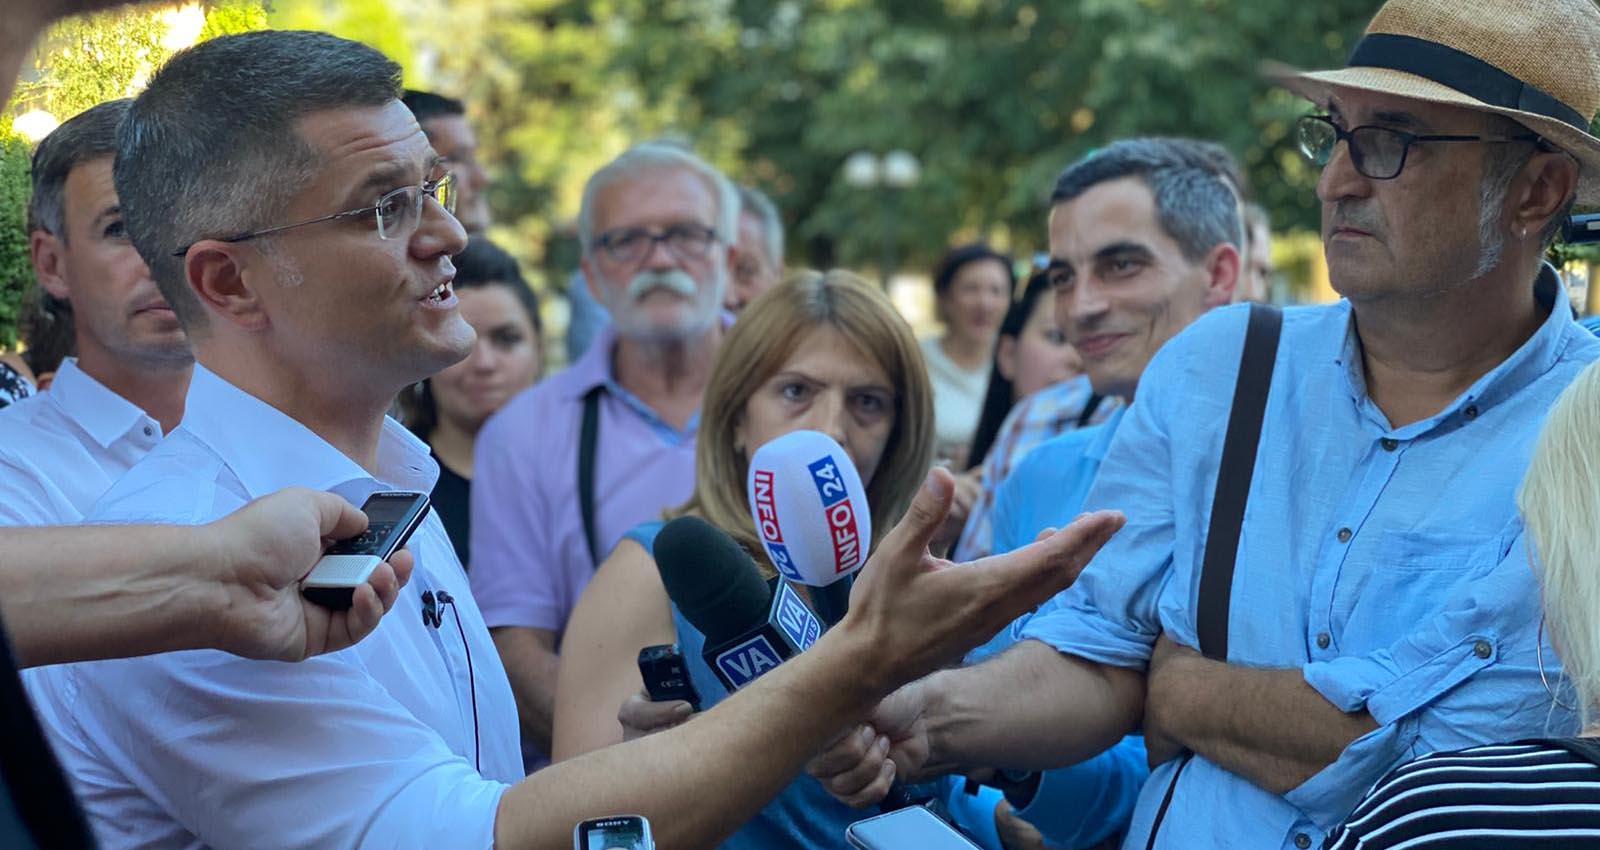 Јеремић: Вучић и Беливук ће у затвору имати деценије да расправе ко је кога звао